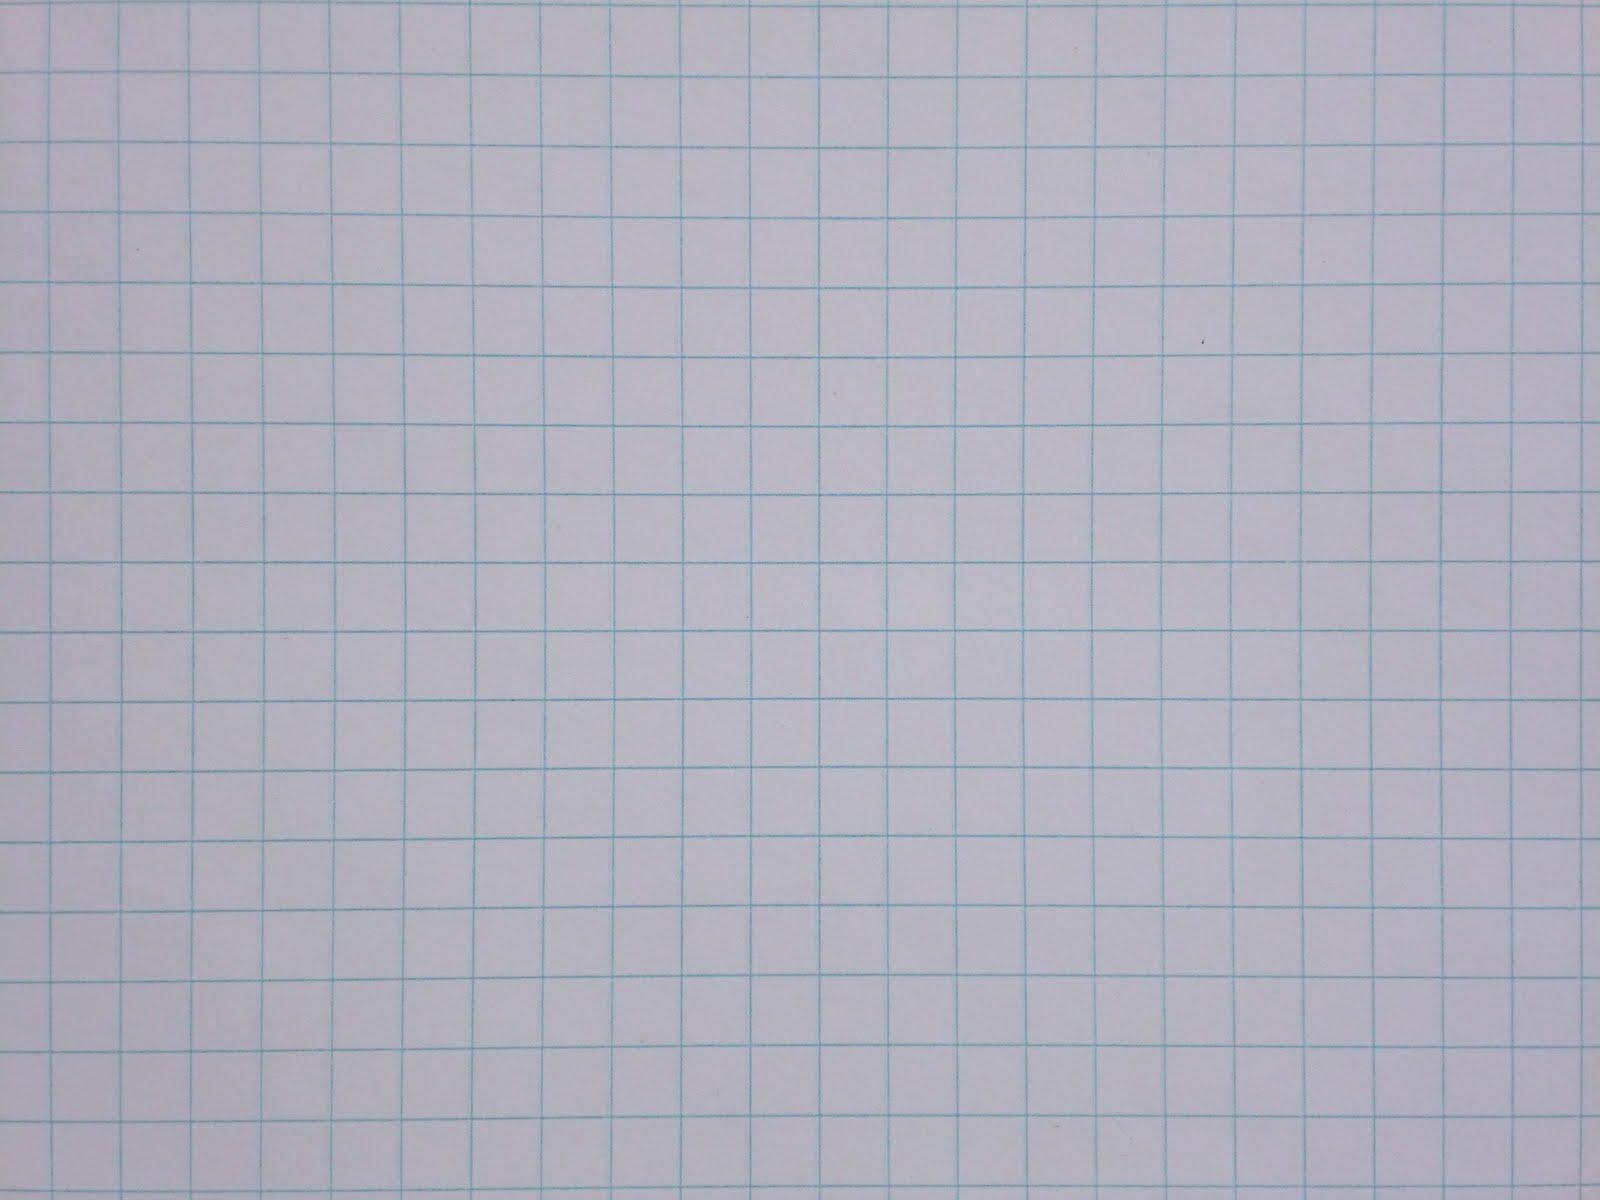 http://3.bp.blogspot.com/-1NtaCk5eGDs/TXl-A38wjxI/AAAAAAAAFkQ/9pidVxFh428/s1600/graph%252525252Bpaper.jpg